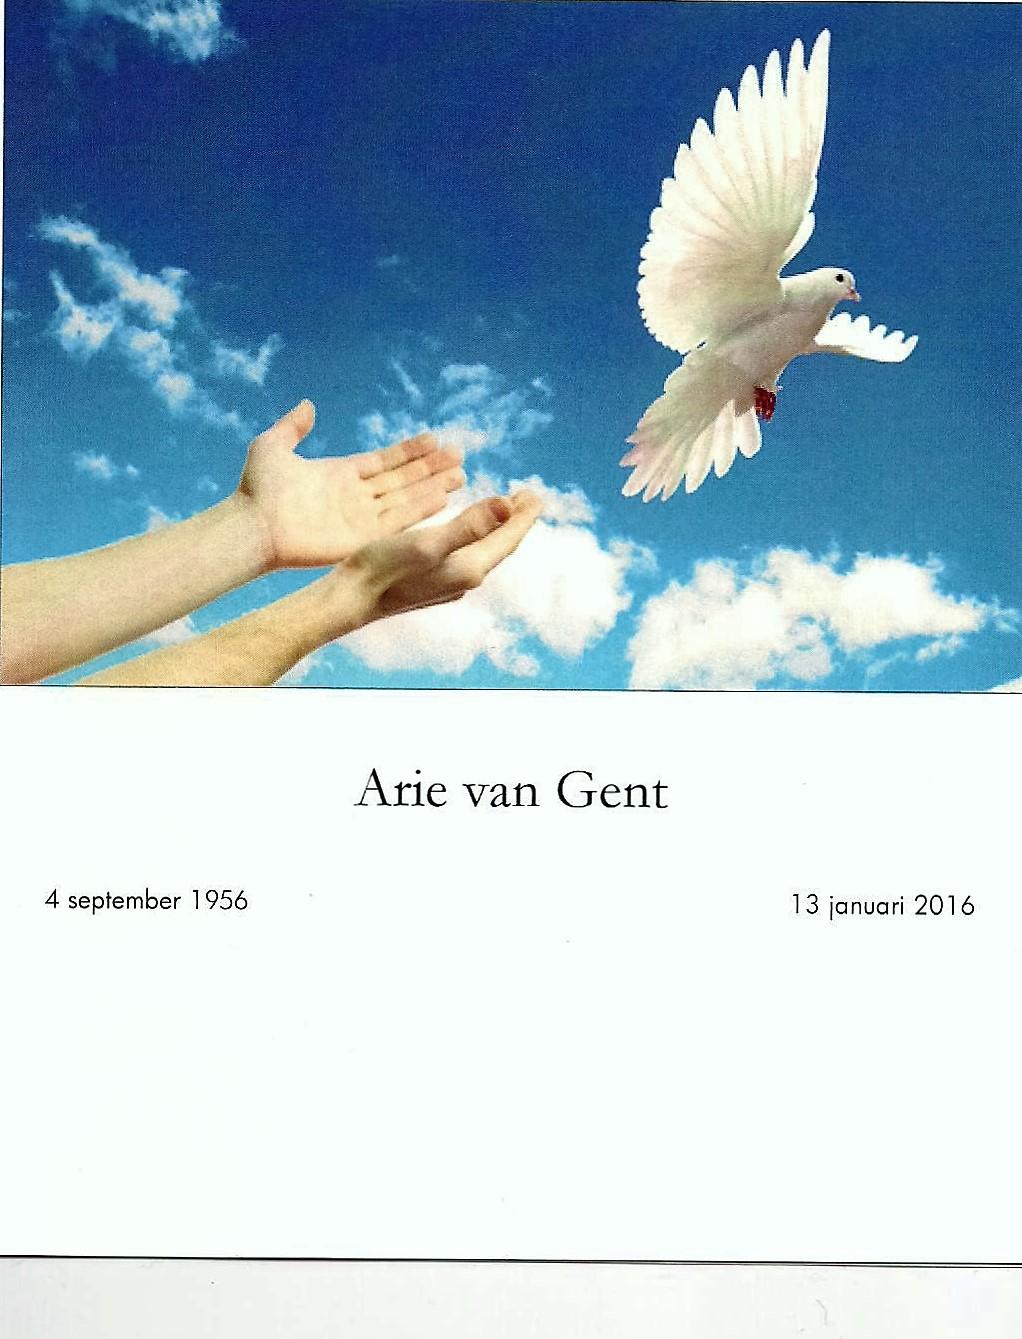 Arie van Gent